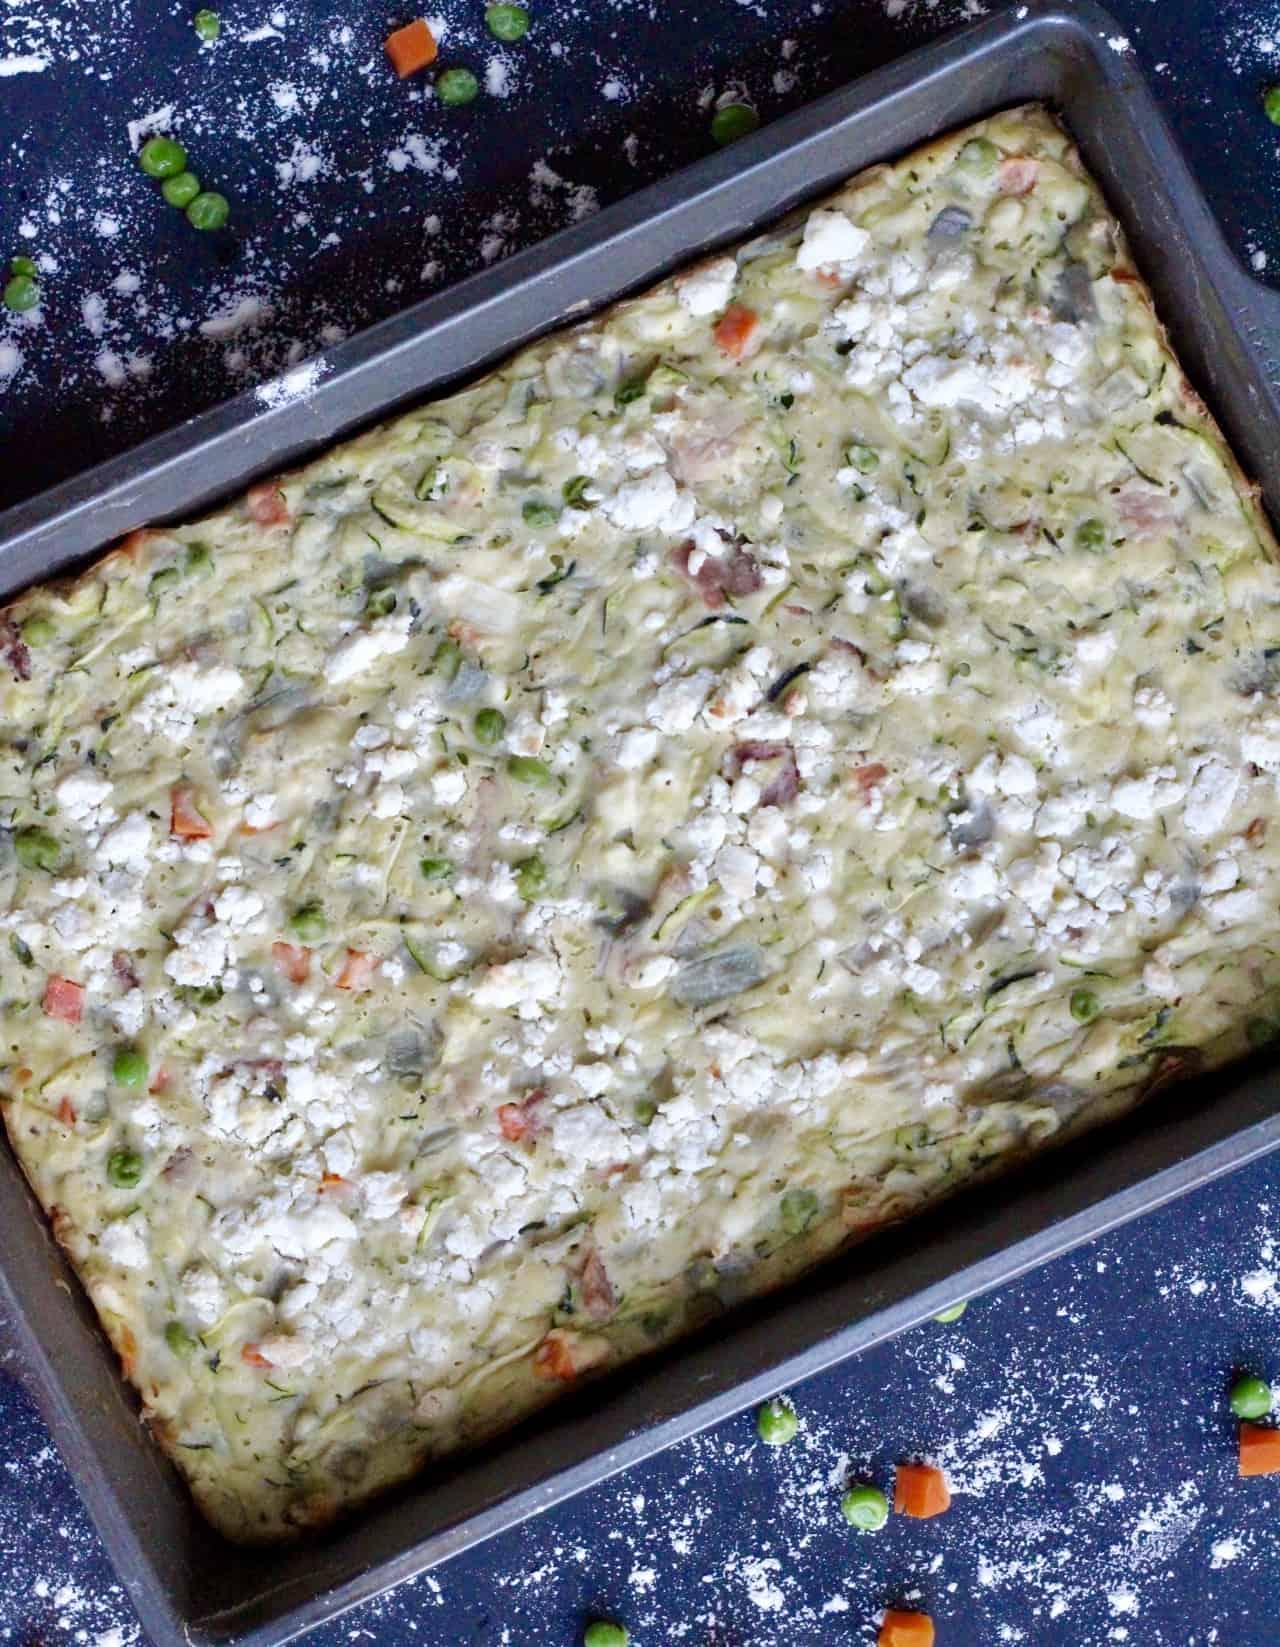 Zucchini slice in a pan